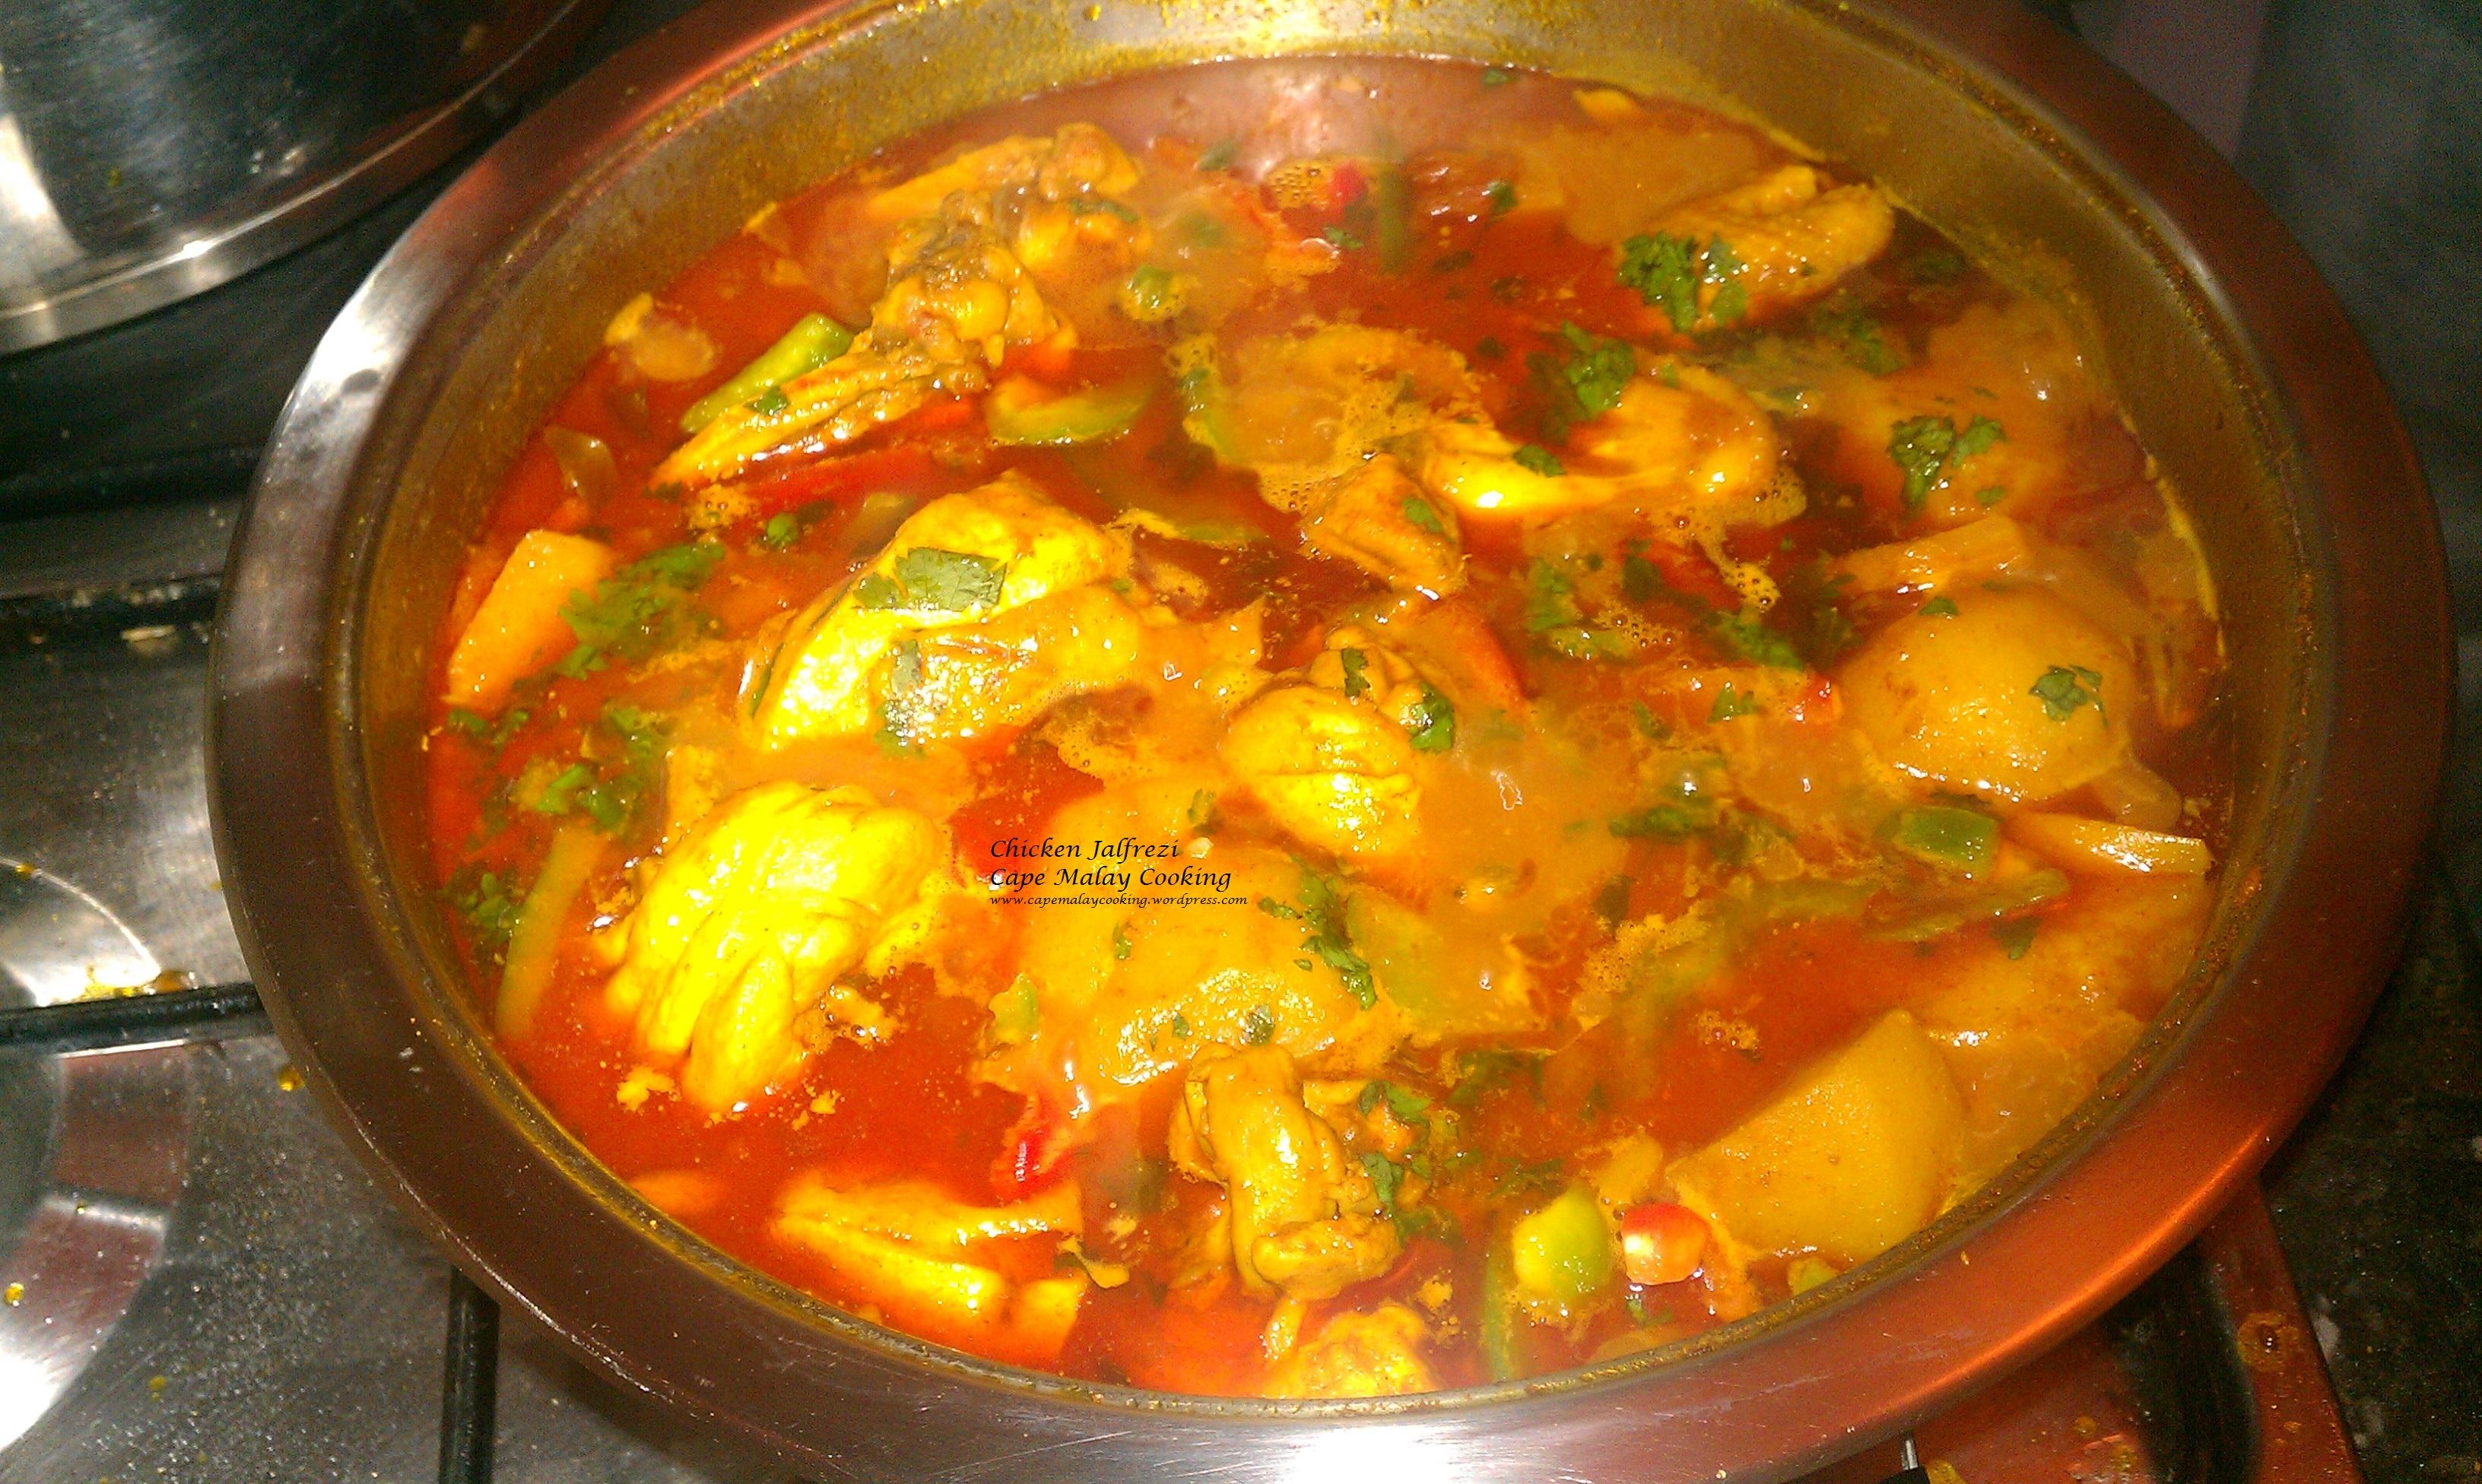 CHICKEN JALFREZI | Cape Malay Cooking